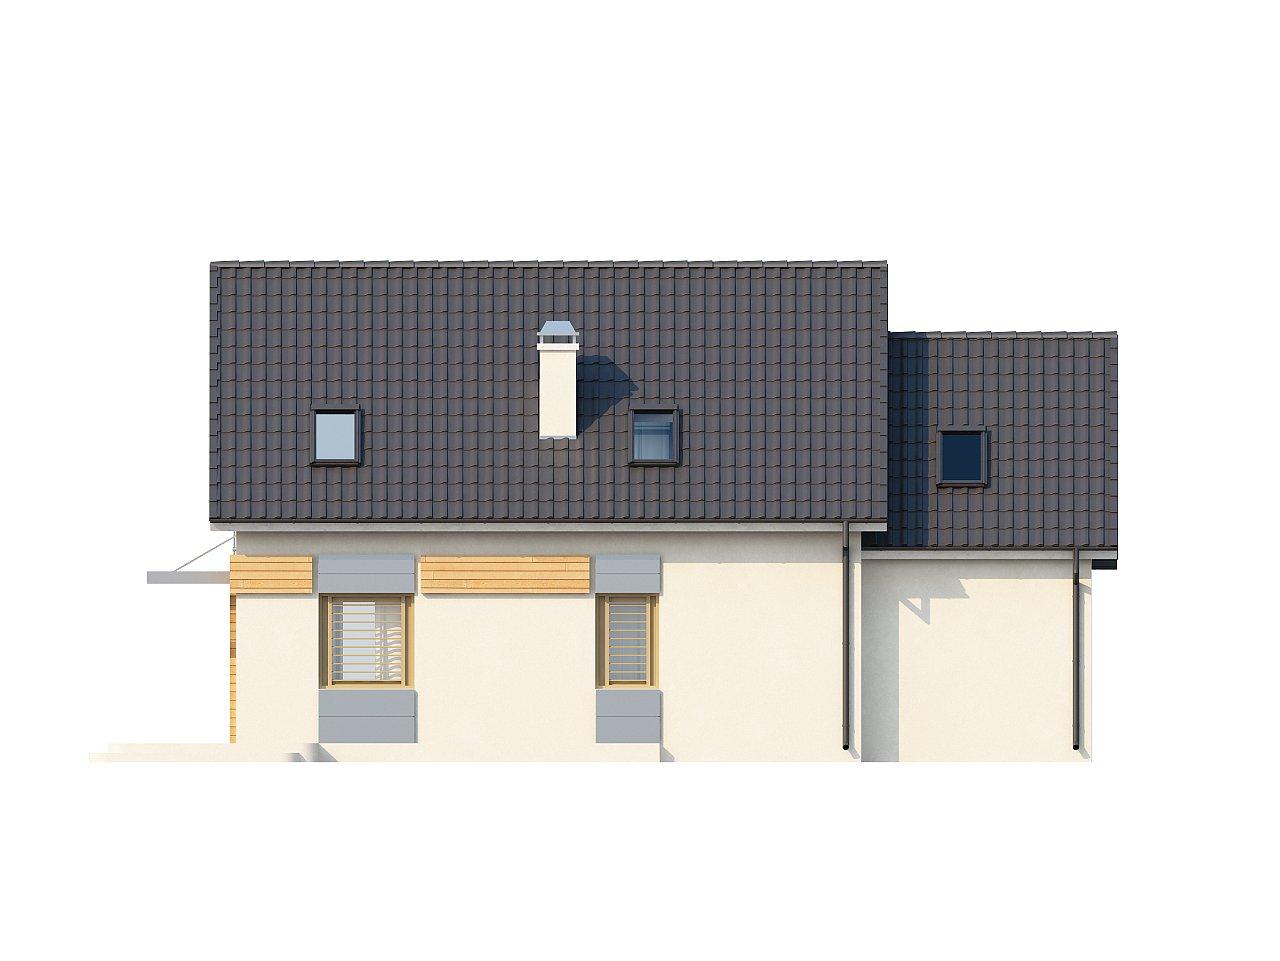 Традиционный практичный дом с современными элементами архитектуры. 9